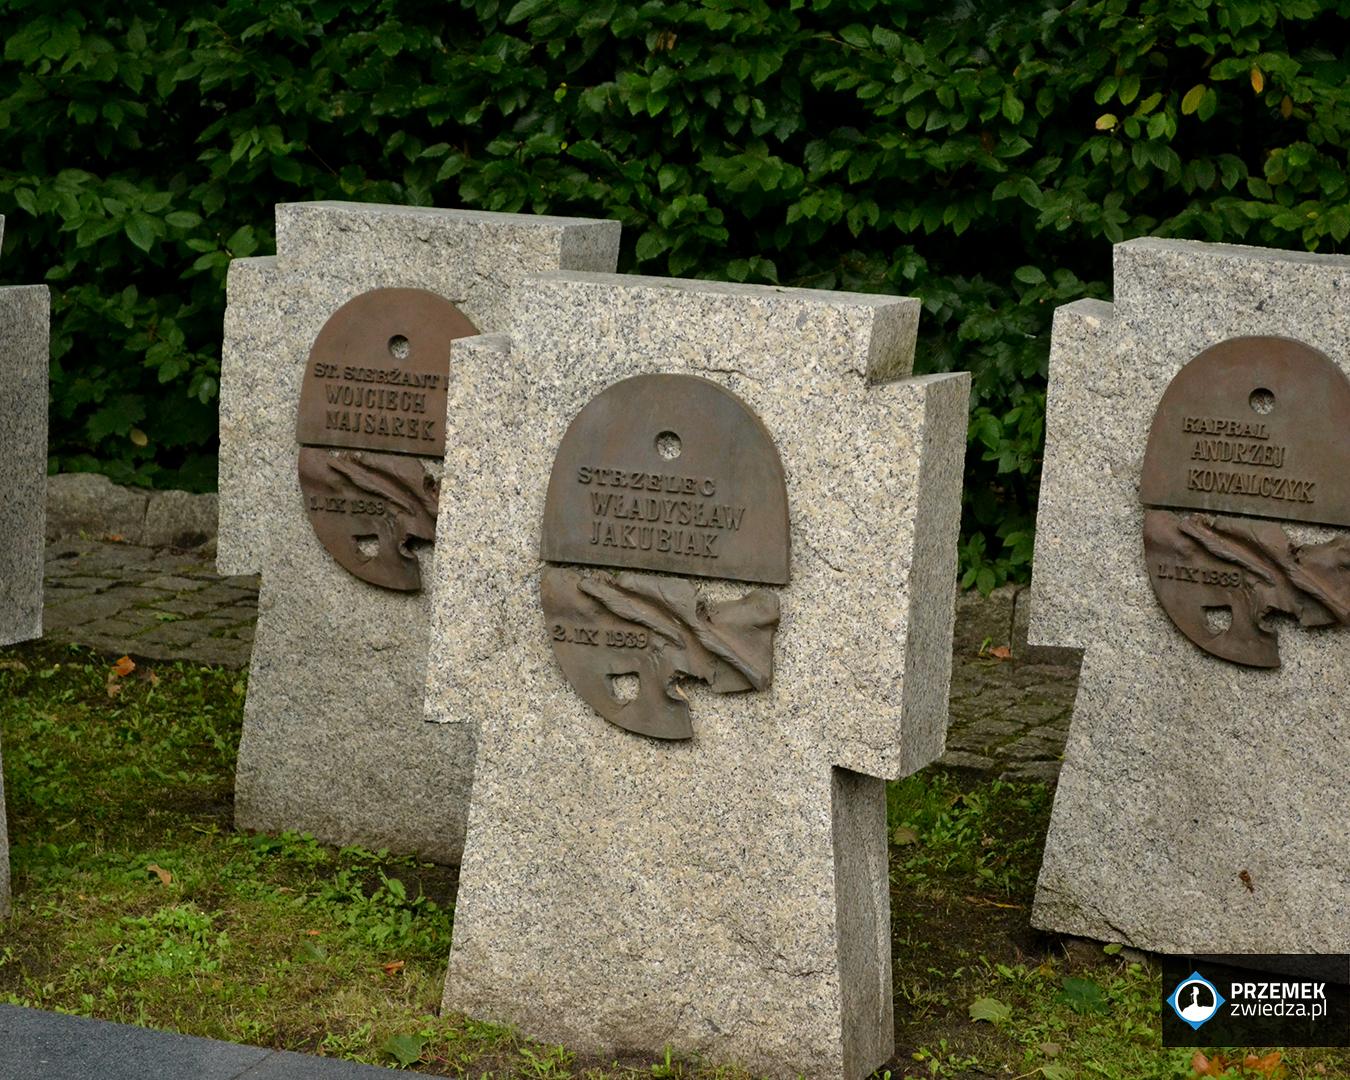 Nagrobki poległych obrońców Westersplatte